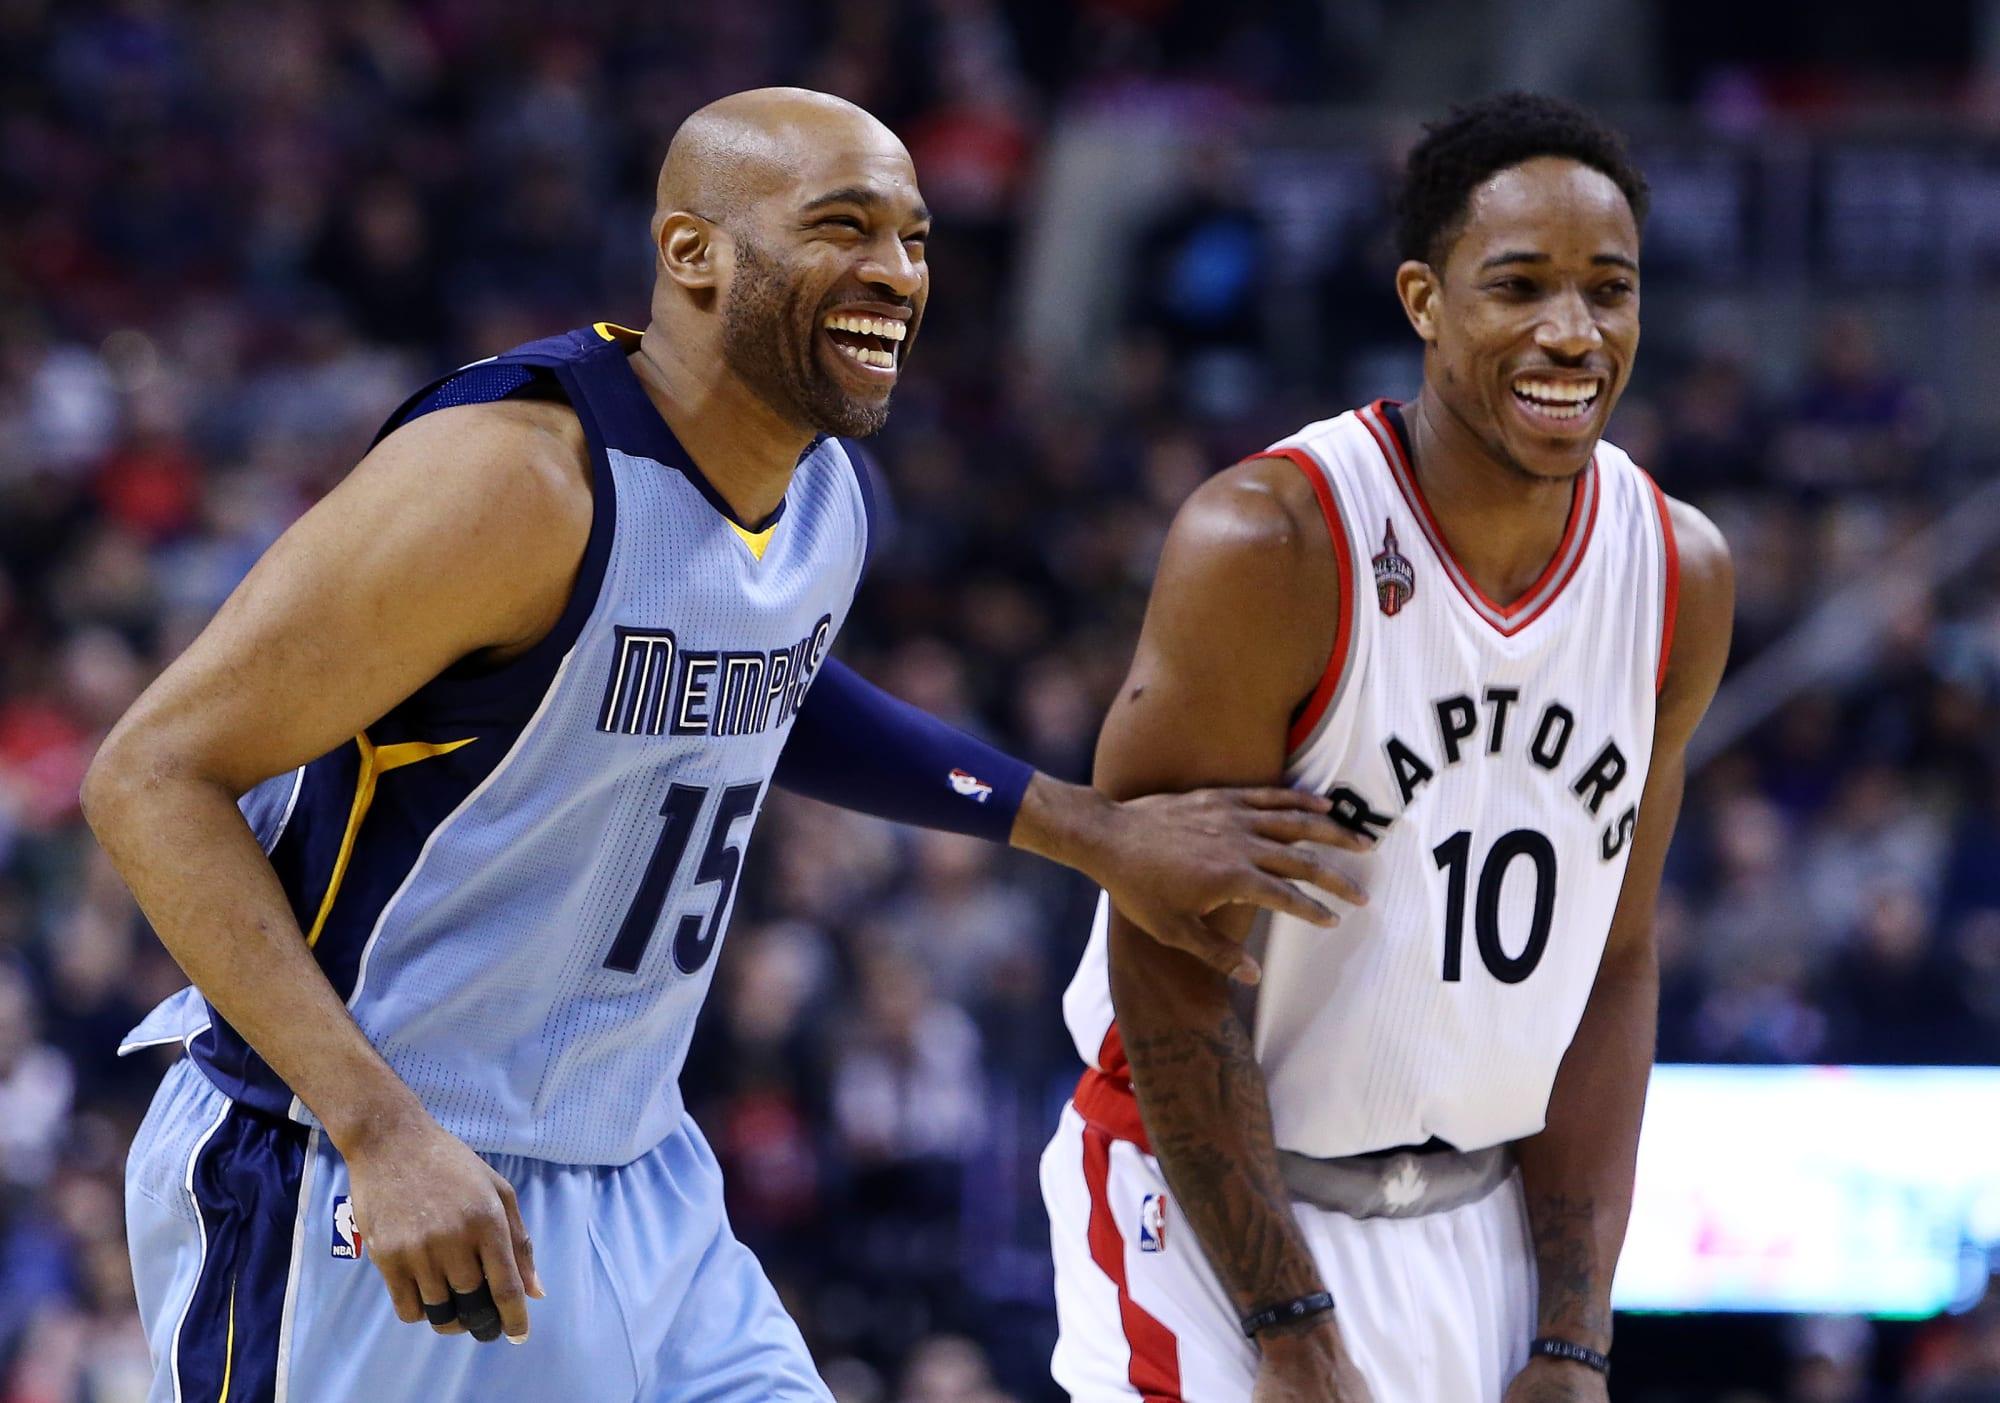 Toronto Raptors: Top 10 rookie seasons in franchise history